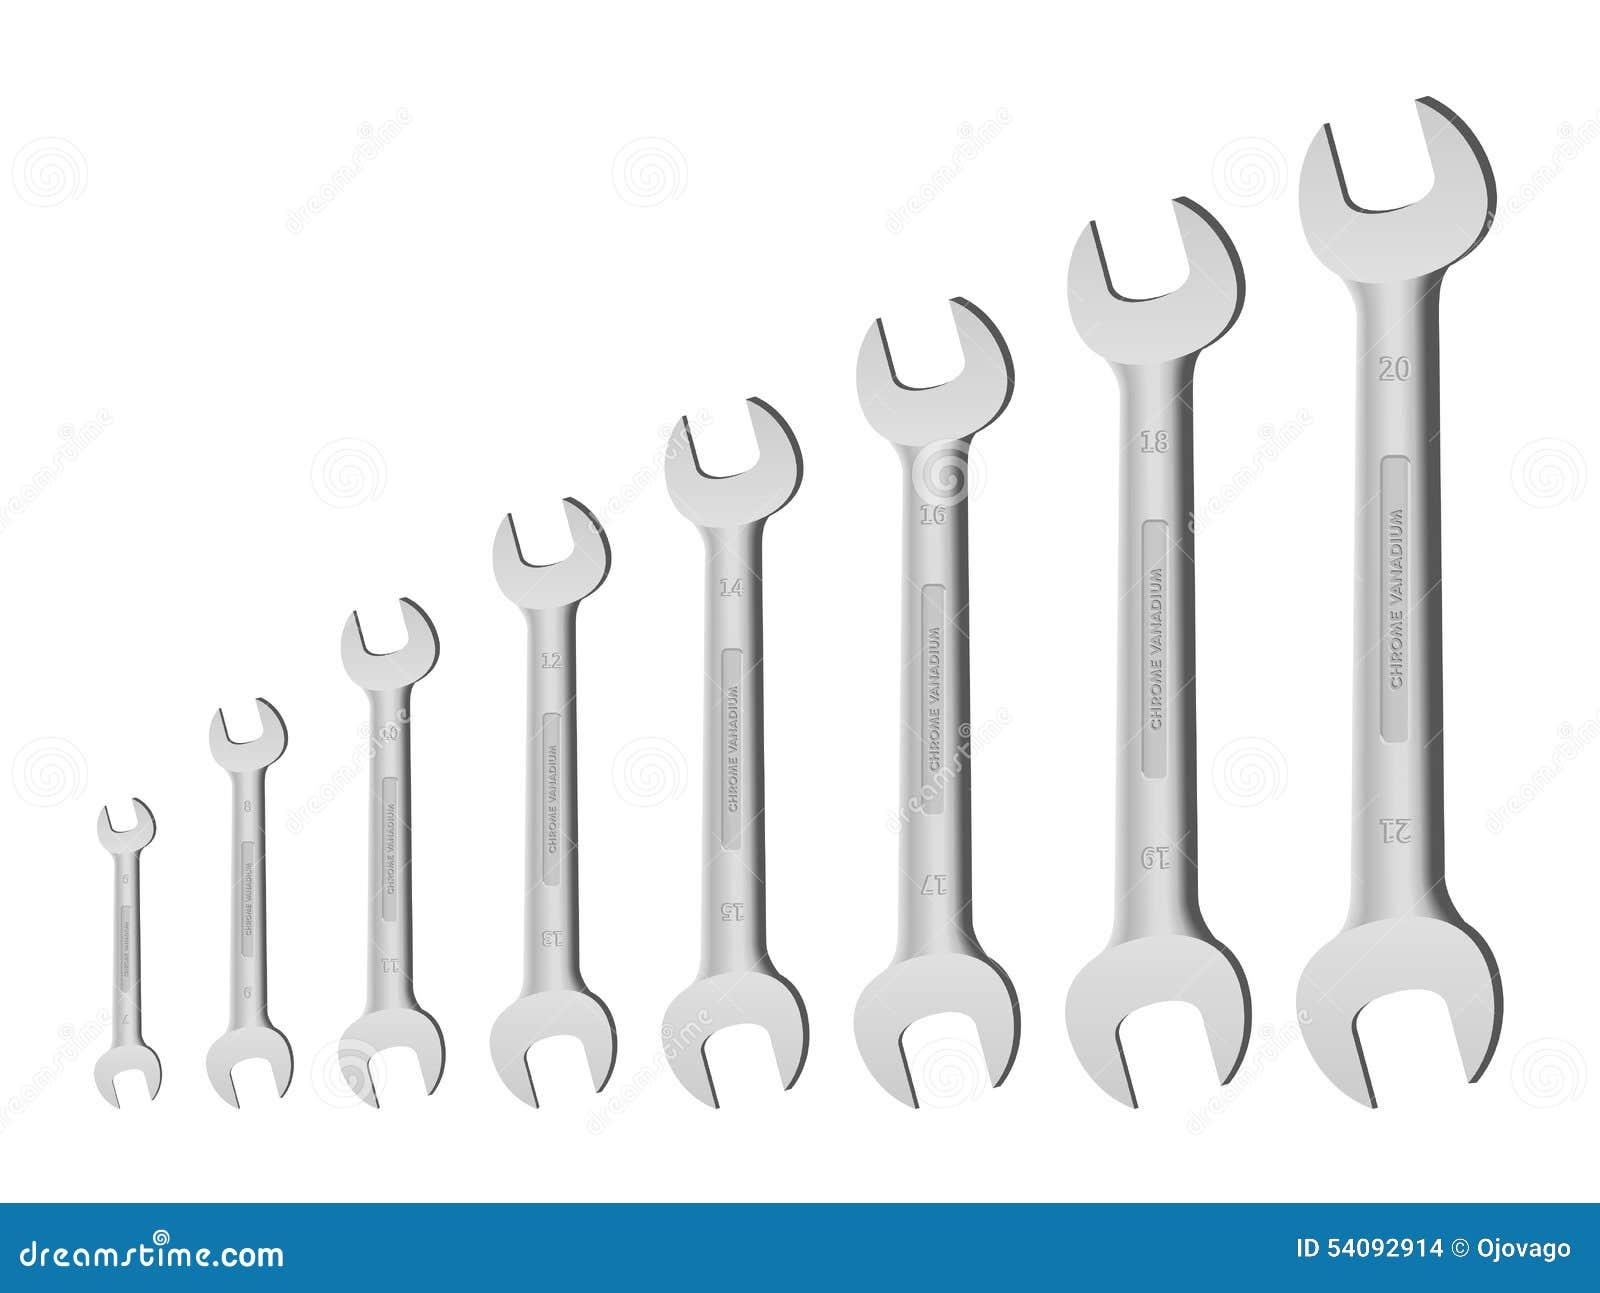 Metrische moersleutels